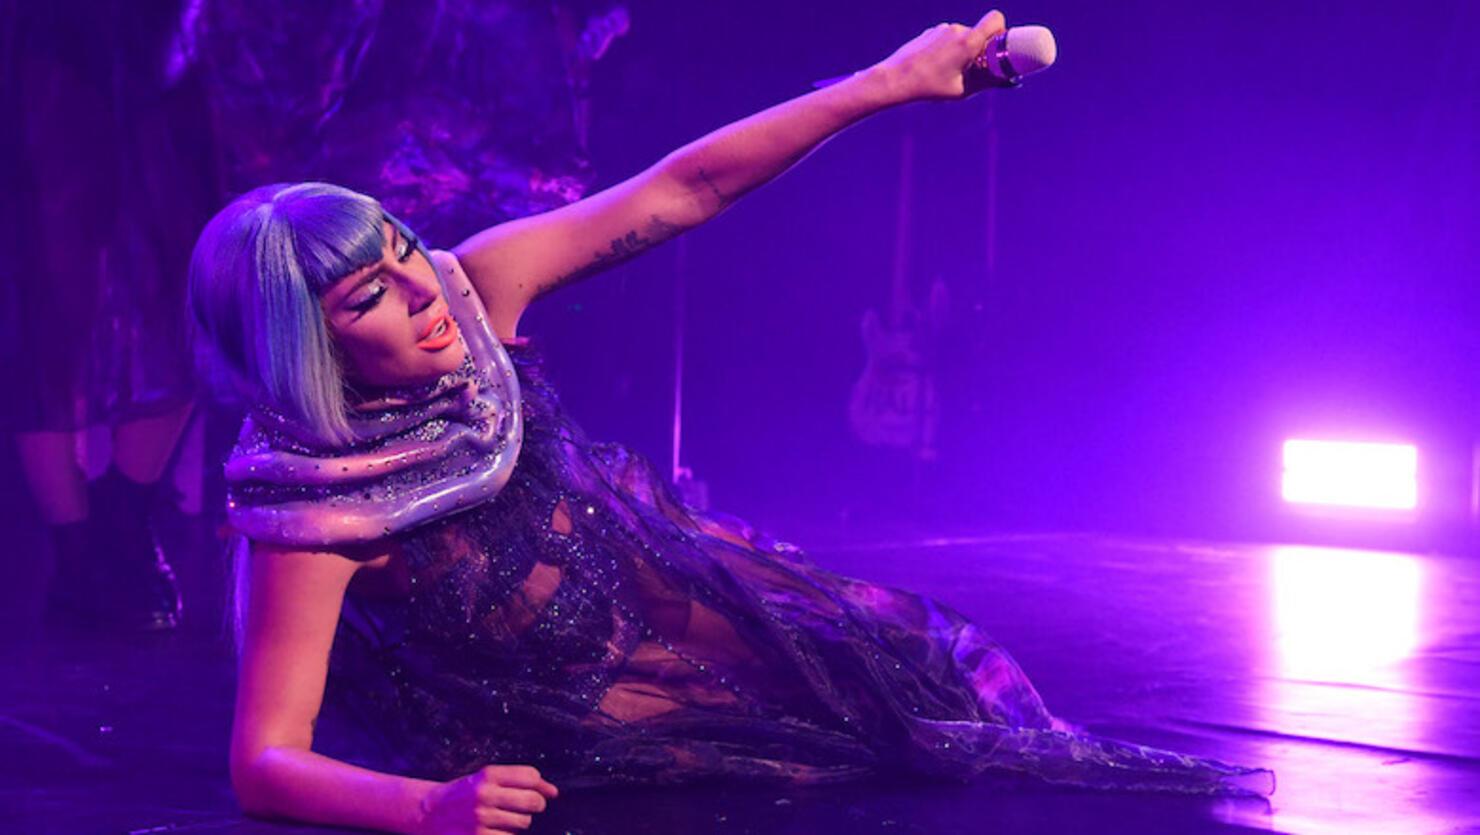 SiriusXM + Pandora Present Lady Gaga At The Apollo